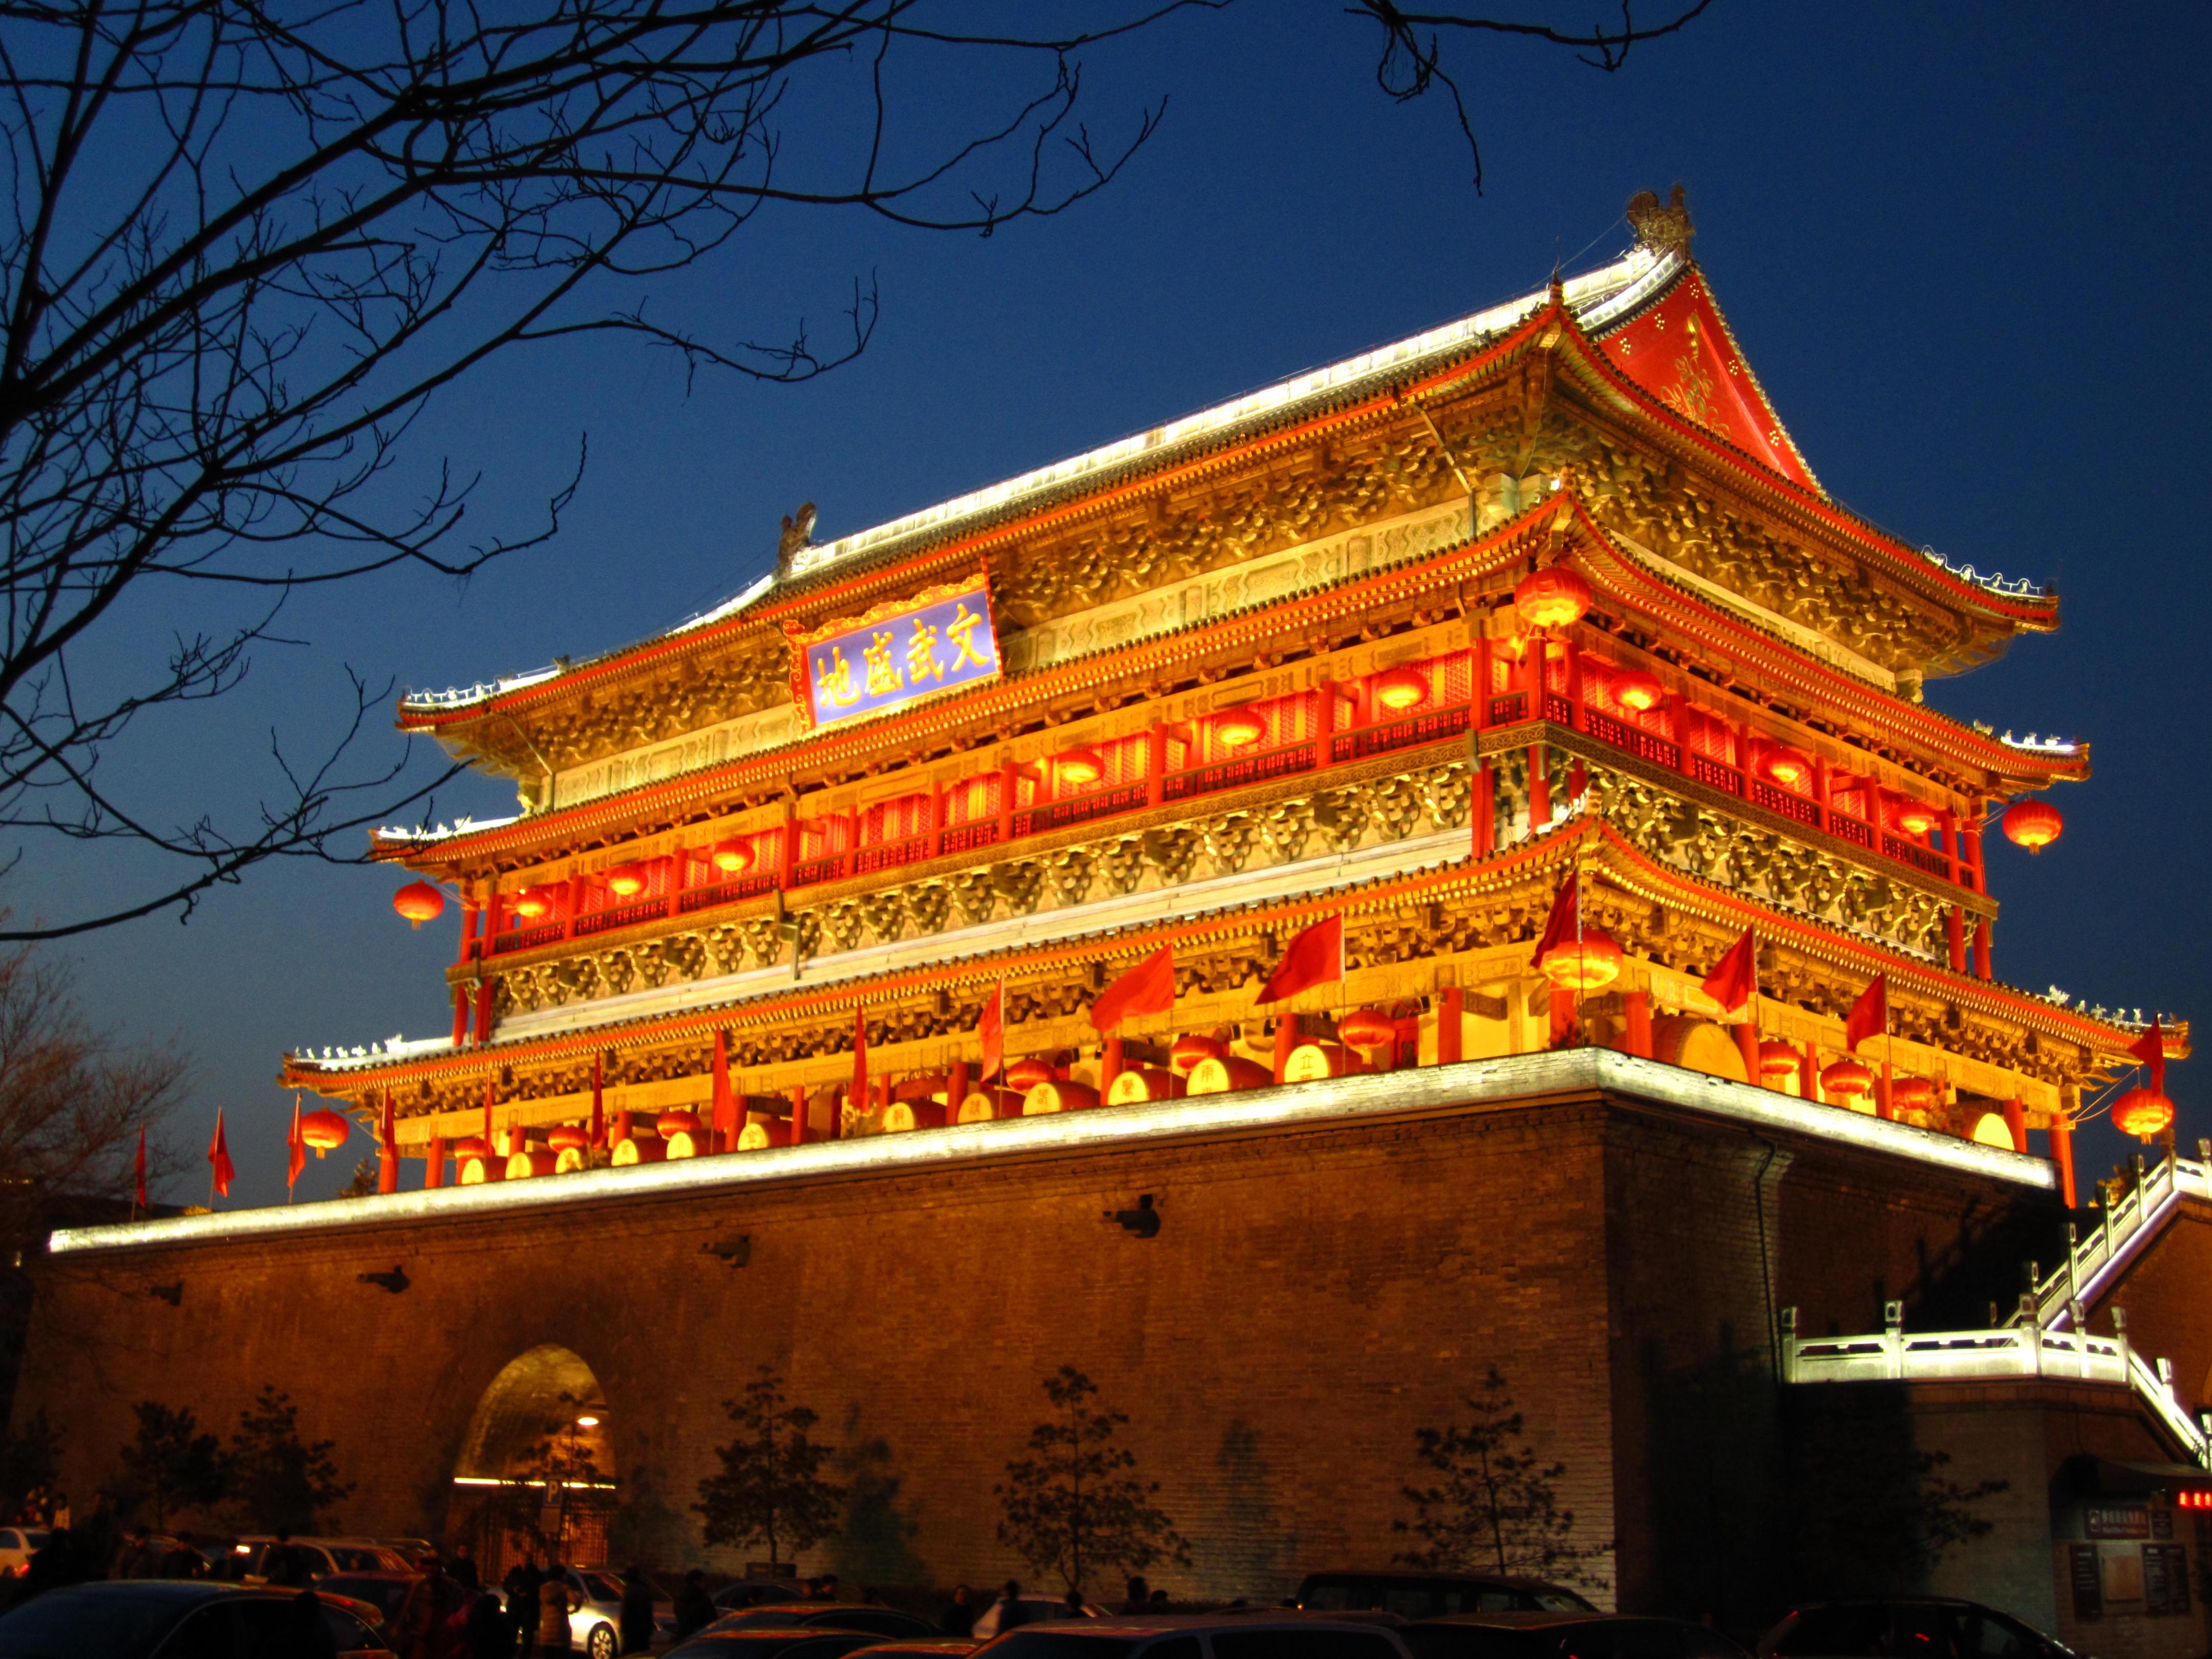 走进千年古城西安 陕西历史博物馆兵马俑体验历史人文